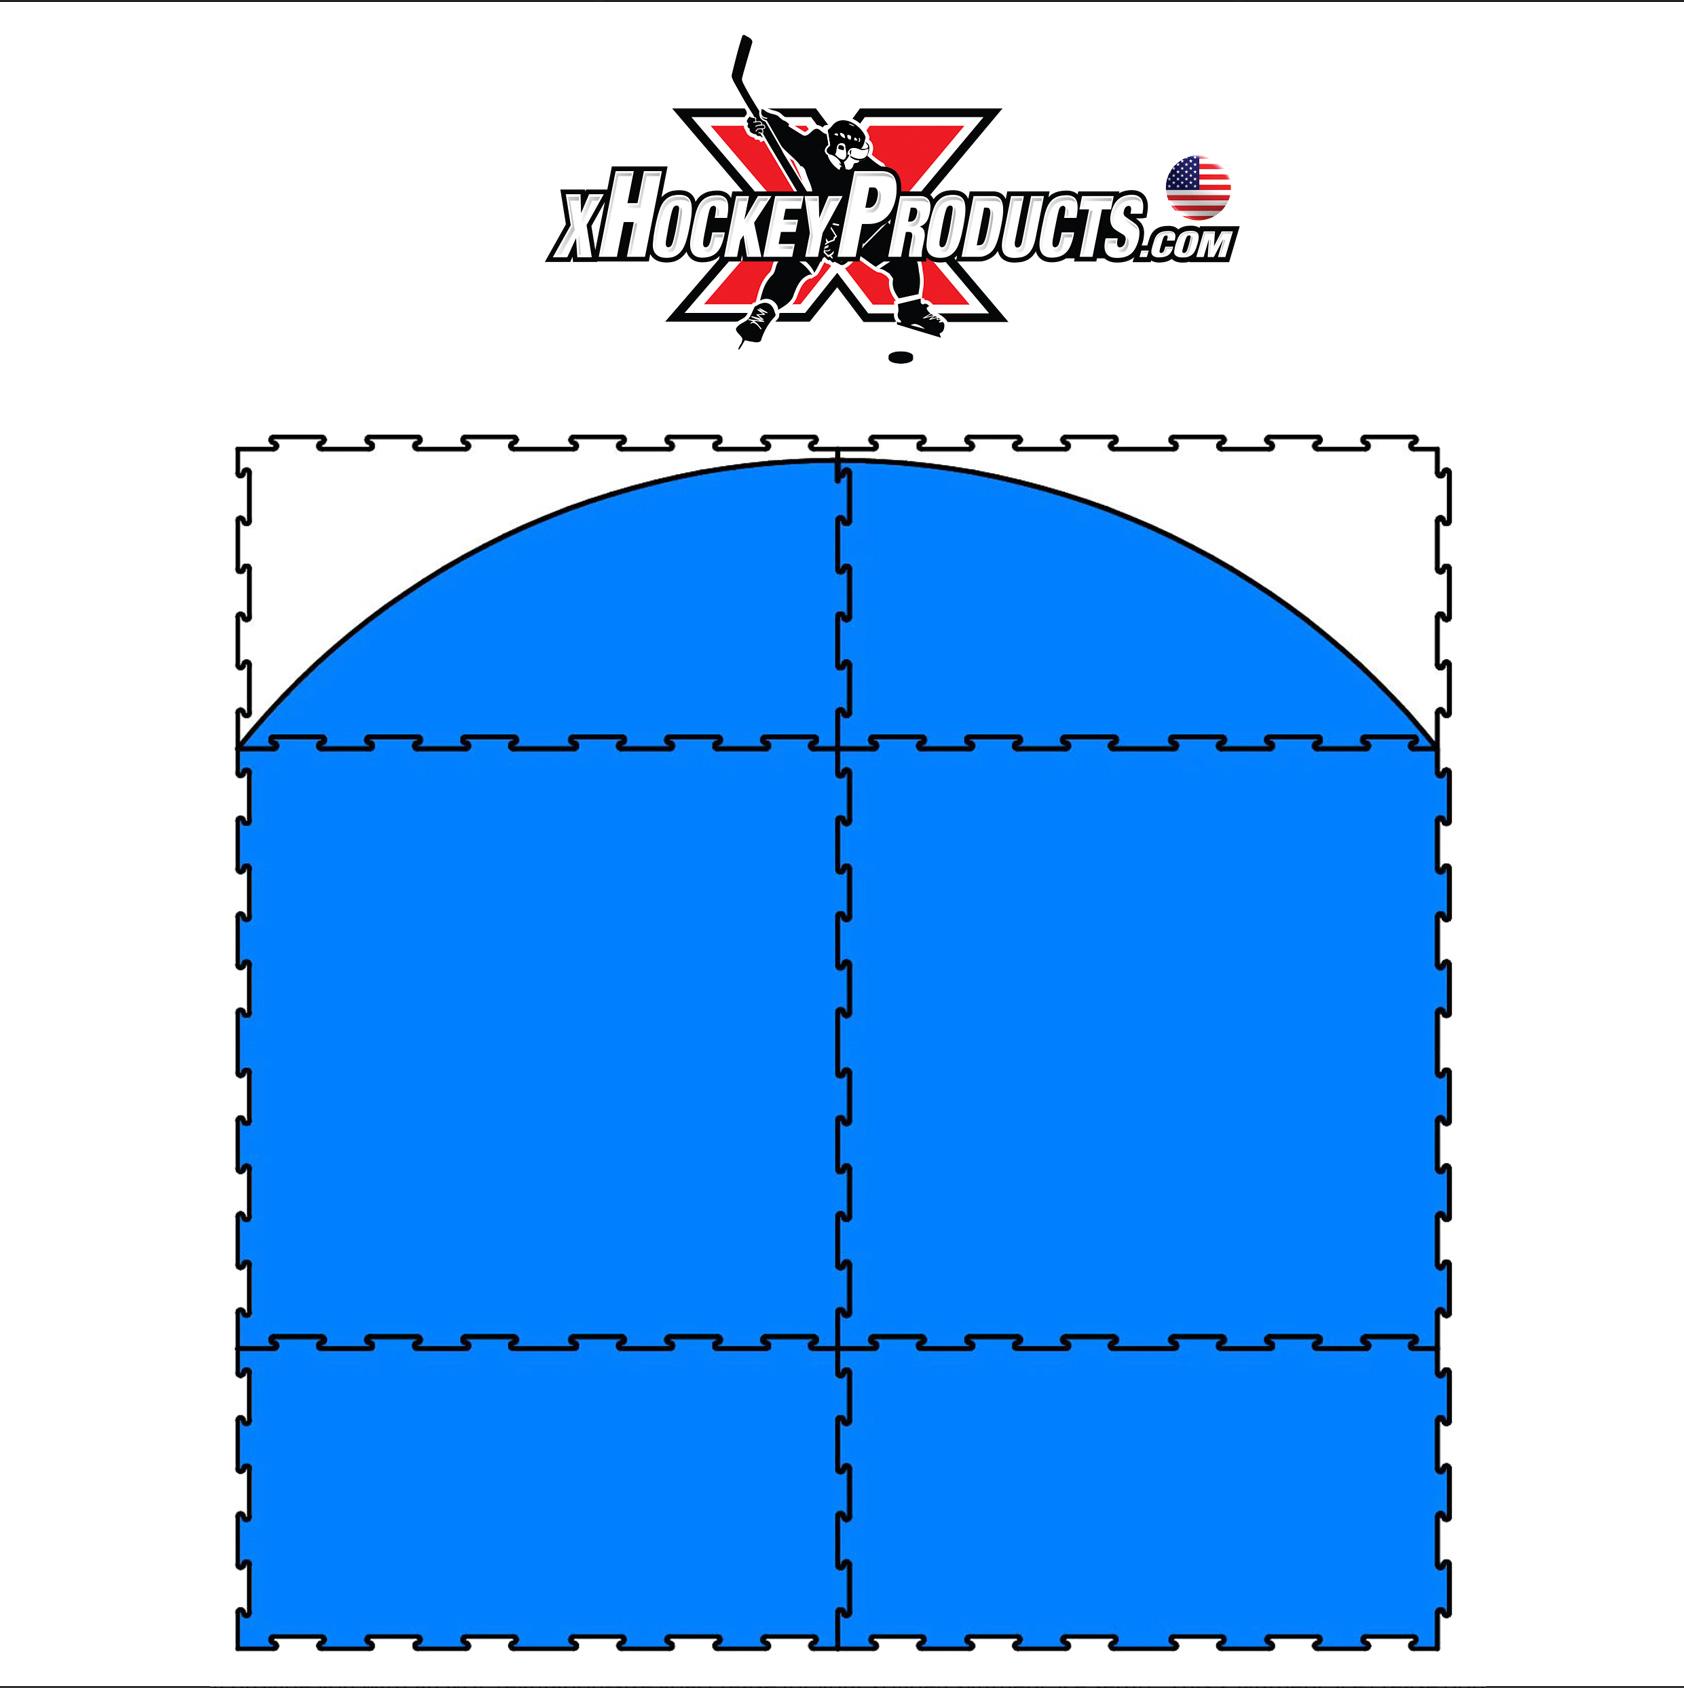 xGlide8 Goal Crease